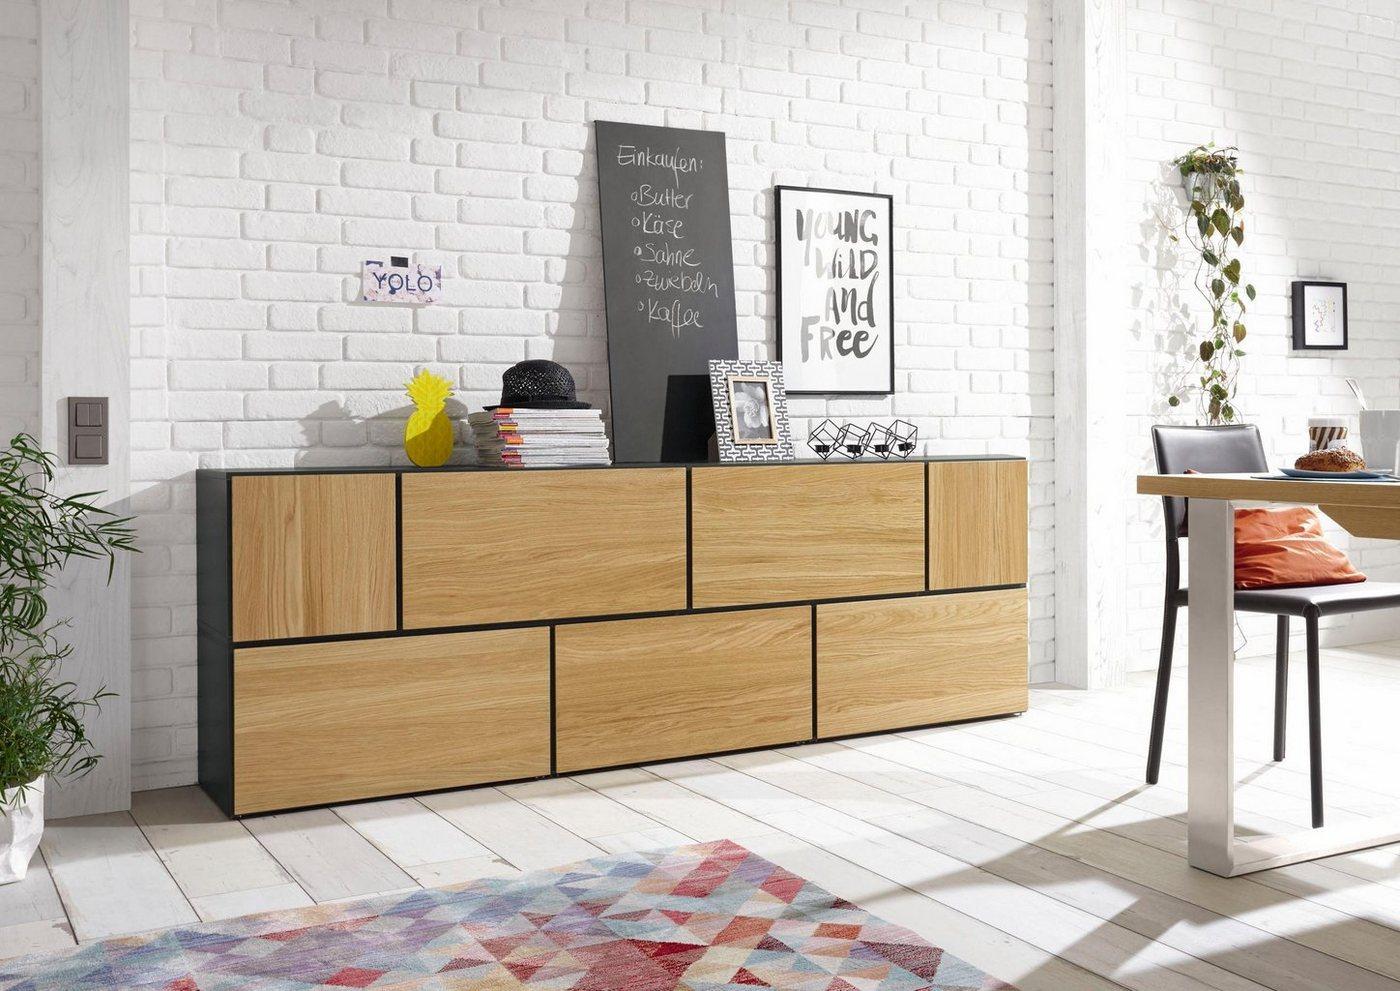 esszimmermobel von hulsta, 5% sparen - hülsta now to go sideboard - nur 949,99€ | cherry möbel, Design ideen